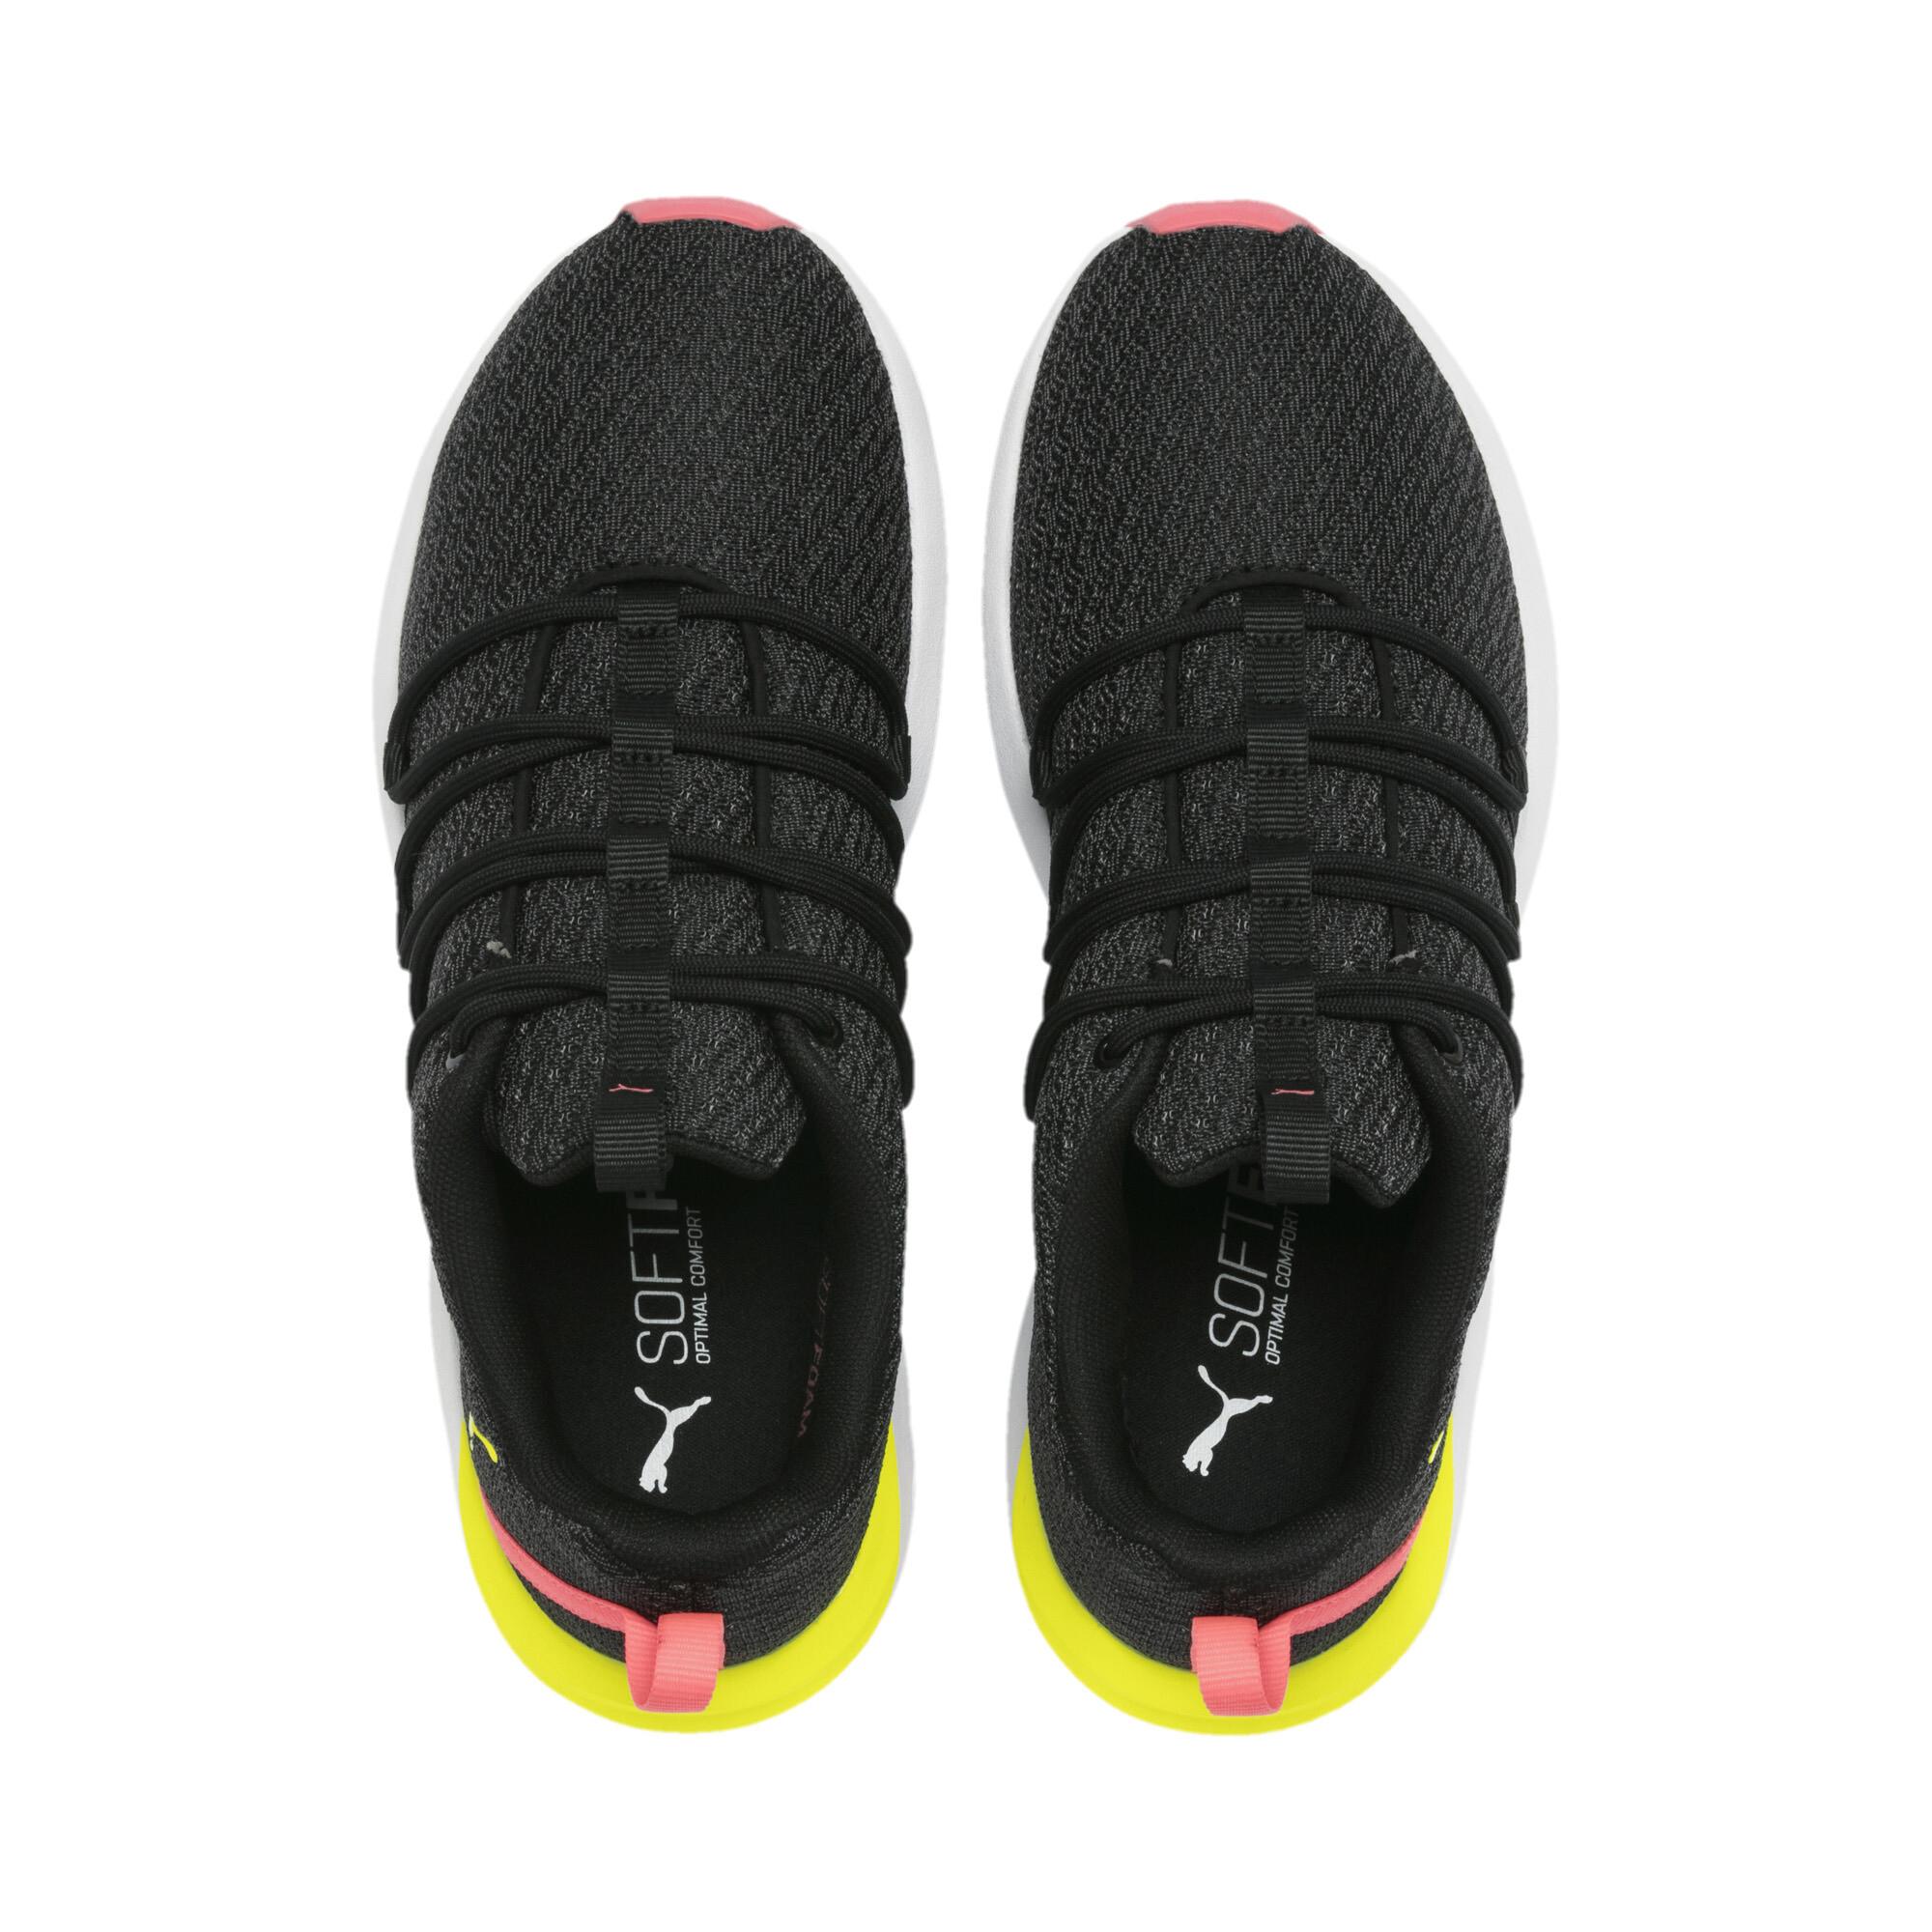 PUMA-Prowl-Alt-Neon-Women-s-Training-Shoes-Women-Shoe-Training thumbnail 8